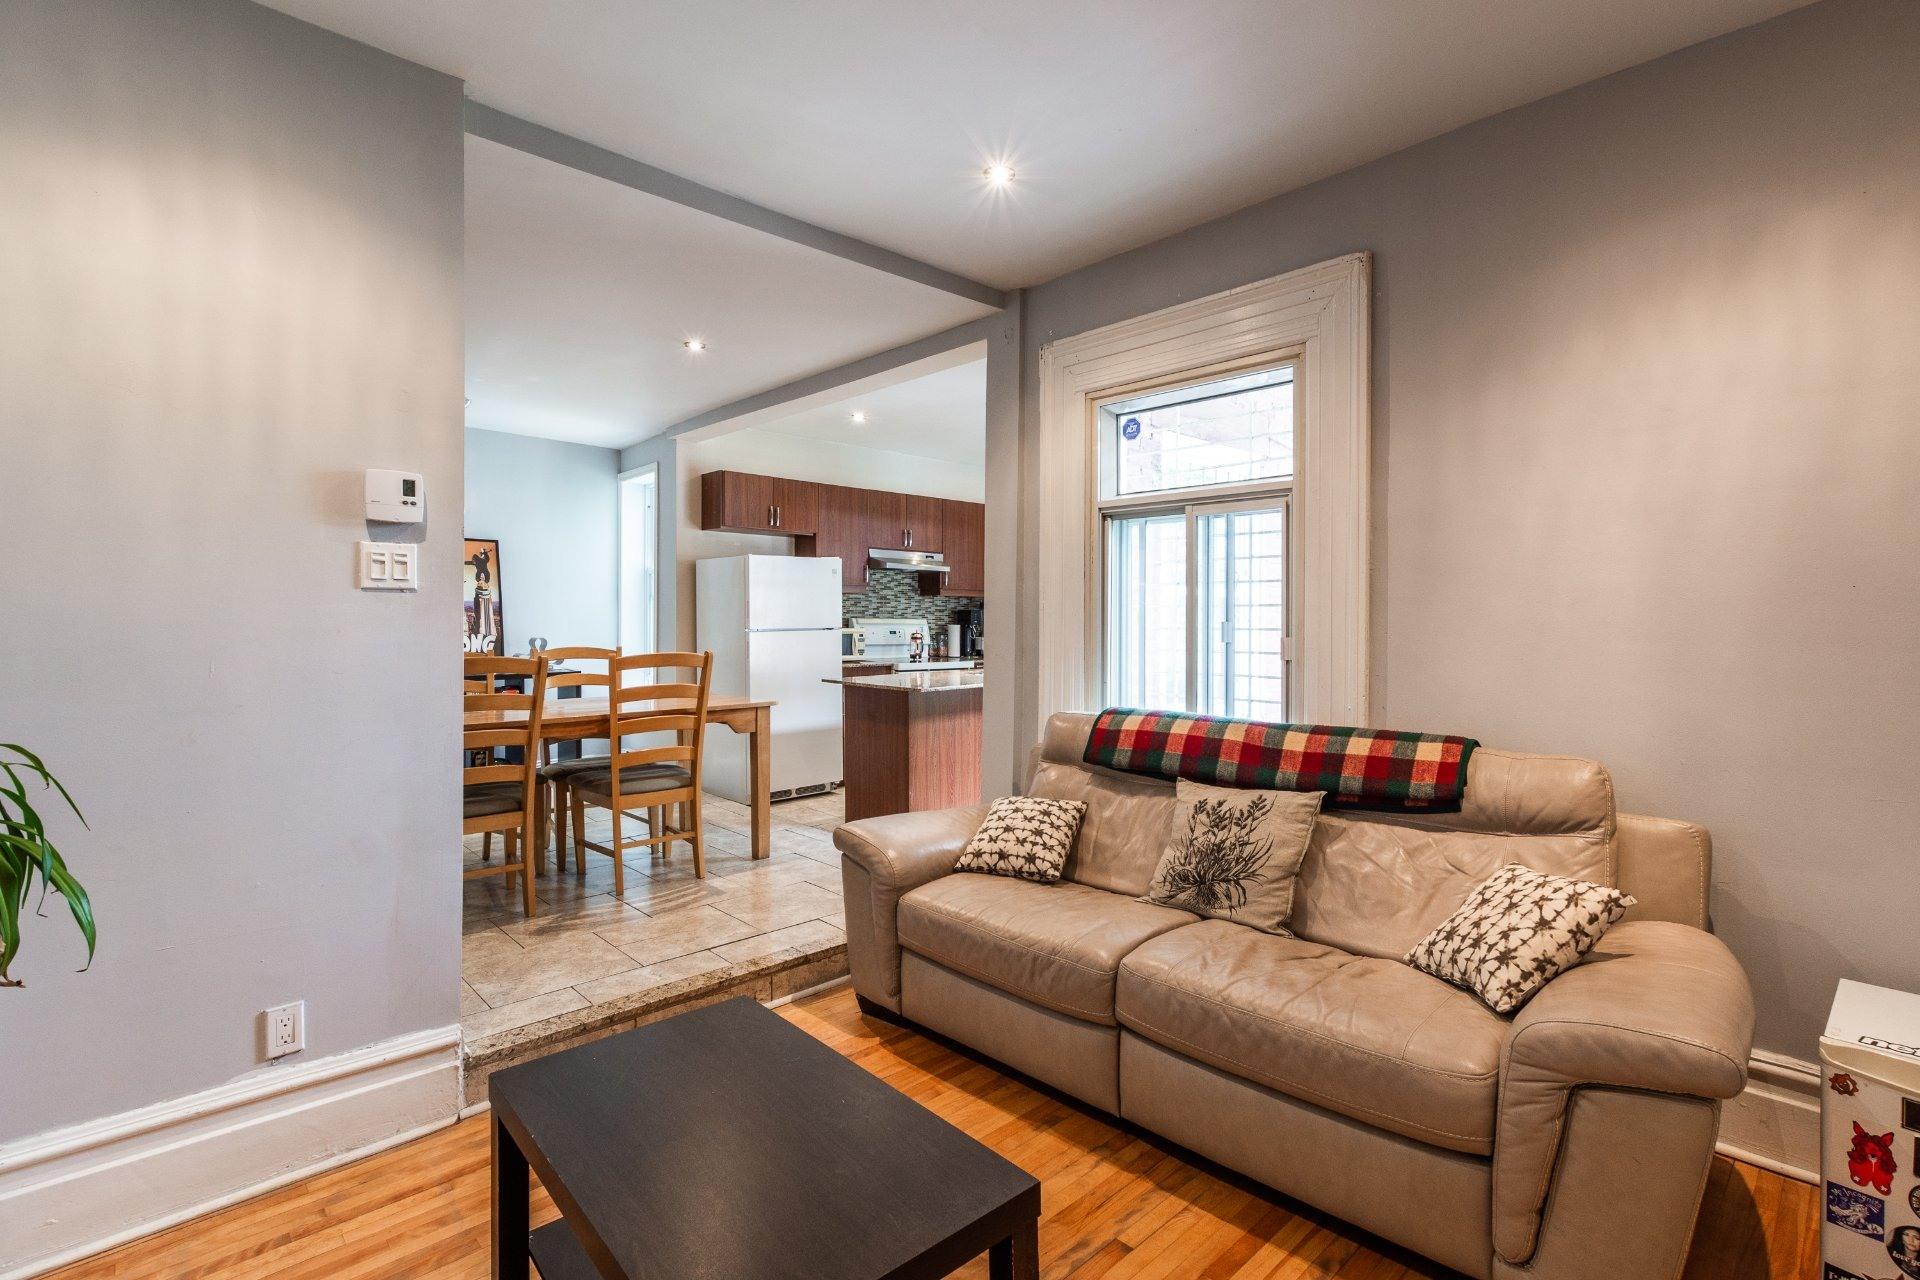 image 17 - Duplex À vendre Montréal Verdun/Île-des-Soeurs  - 4 pièces